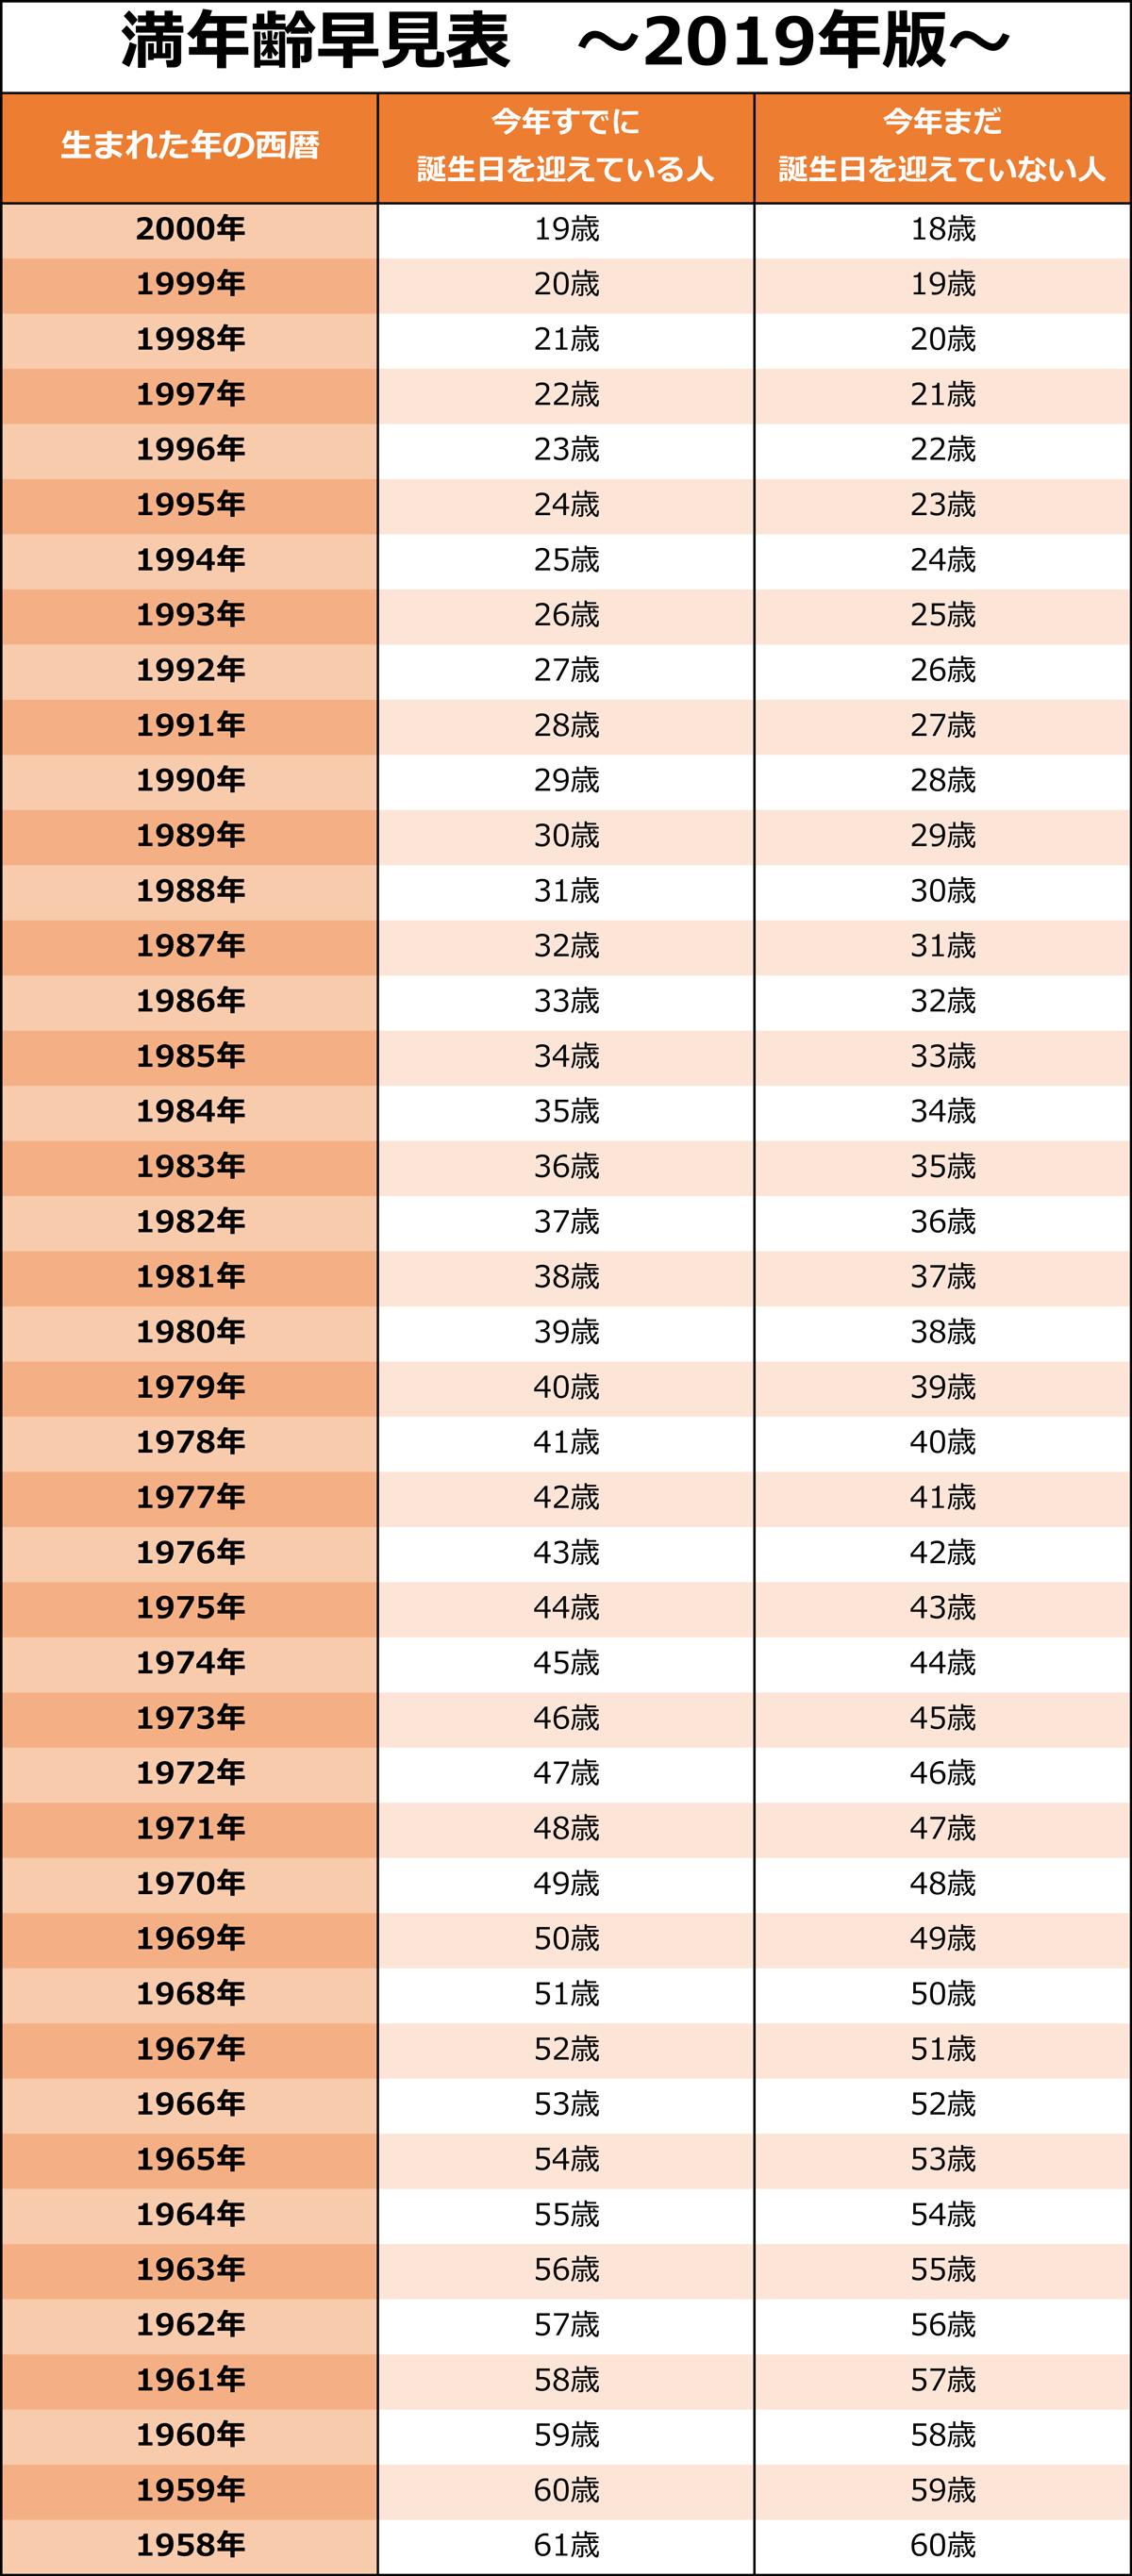 2019年版の満年齢早見表:生まれた年の西暦が2000年の人の中で、今年すでに誕生日を迎えている人の満年齢は19歳。今年まだ誕生日を迎えていない人の満年齢は18歳。生まれた年の西暦が1999年の人の中で、今年すでに誕生日を迎えている人の満年齢は20歳。今年まだ誕生日を迎えていない人の満年齢は19歳。生まれた年の西暦が1998年の人の中で、今年すでに誕生日を迎えている人の満年齢は21歳。今年まだ誕生日を迎えていない人の満年齢は20歳。生まれた年の西暦が1997年の人の中で、今年すでに誕生日を迎えている人の満年齢は22歳。今年まだ誕生日を迎えていない人の満年齢は21歳。生まれた年の西暦が1996年の人の中で、今年すでに誕生日を迎えている人の満年齢は23歳。今年まだ誕生日を迎えていない人の満年齢は22歳。生まれた年の西暦が1995年の人の中で、今年すでに誕生日を迎えている人の満年齢は24歳。今年まだ誕生日を迎えていない人の満年齢は23歳。生まれた年の西暦が1994年の人の中で、今年すでに誕生日を迎えている人の満年齢は25歳。今年まだ誕生日を迎えていない人の満年齢は24歳。生まれた年の西暦が1993年の人の中で、今年すでに誕生日を迎えている人の満年齢は26歳。今年まだ誕生日を迎えていない人の満年齢は25歳。生まれた年の西暦が1992年の人の中で、今年すでに誕生日を迎えている人の満年齢は27歳。今年まだ誕生日を迎えていない人の満年齢は26歳。生まれた年の西暦が1991年の人の中で、今年すでに誕生日を迎えている人の満年齢は28歳。今年まだ誕生日を迎えていない人の満年齢は27歳。生まれた年の西暦が1990年の人の中で、今年すでに誕生日を迎えている人の満年齢は29歳。今年まだ誕生日を迎えていない人の満年齢は28歳。生まれた年の西暦が1989年の人の中で、今年すでに誕生日を迎えている人の満年齢は30歳。今年まだ誕生日を迎えていない人の満年齢は29歳。生まれた年の西暦が1988年の人の中で、今年すでに誕生日を迎えている人の満年齢は31歳。今年まだ誕生日を迎えていない人の満年齢は30歳。生まれた年の西暦が1987年の人の中で、今年すでに誕生日を迎えている人の満年齢は32歳。今年まだ誕生日を迎えていない人の満年齢は31歳。生まれた年の西暦が1986年の人の中で、今年すでに誕生日を迎えている人の満年齢は33歳。今年まだ誕生日を迎えていない人の満年齢は32歳。生まれた年の西暦が1985年の人の中で、今年すでに誕生日を迎えている人の満年齢は34歳。今年まだ誕生日を迎えていない人の満年齢は33歳。生まれた年の西暦が1984年の人の中で、今年すでに誕生日を迎えている人の満年齢は35歳。今年まだ誕生日を迎えていない人の満年齢は34歳。生まれた年の西暦が1983年の人の中で、今年すでに誕生日を迎えている人の満年齢は36歳。今年まだ誕生日を迎えていない人の満年齢は35歳。生まれた年の西暦が1982年の人の中で、今年すでに誕生日を迎えている人の満年齢は37歳。今年まだ誕生日を迎えていない人の満年齢は36歳。生まれた年の西暦が1981年の人の中で、今年すでに誕生日を迎えている人の満年齢は38歳。今年まだ誕生日を迎えていない人の満年齢は37歳。生まれた年の西暦が1980年の人の中で、今年すでに誕生日を迎えている人の満年齢は39歳。今年まだ誕生日を迎えていない人の満年齢は38歳。 生まれた年の西暦が1979年の人の中で、今年すでに誕生日を迎えている人の満年齢は40歳。今年まだ誕生日を迎えていない人の満年齢は39歳。生まれた年の西暦が1978年の人の中で、今年すでに誕生日を迎えている人の満年齢は41歳。今年まだ誕生日を迎えていない人の満年齢は40歳。生まれた年の西暦が1977年の人の中で、今年すでに誕生日を迎えている人の満年齢は42歳。今年まだ誕生日を迎えていない人の満年齢は41歳。生まれた年の西暦が1976年の人の中で、今年すでに誕生日を迎えている人の満年齢は43歳。今年まだ誕生日を迎えていない人の満年齢は42歳。生まれた年の西暦が1975年の人の中で、今年すでに誕生日を迎えている人の満年齢は44歳。今年まだ誕生日を迎えていない人の満年齢は43歳。生まれた年の西暦が1974年の人の中で、今年すでに誕生日を迎えている人の満年齢は45歳。今年まだ誕生日を迎えていない人の満年齢は44歳。生まれた年の西暦が1973年の人の中で、今年すでに誕生日を迎えている人の満年齢は46歳。今年まだ誕生日を迎えていない人の満年齢は45歳。生まれた年の西暦が1972年の人の中で、今年すでに誕生日を迎えている人の満年齢は47歳。今年まだ誕生日を迎えていない人の満年齢は46歳。生まれた年の西暦が1971